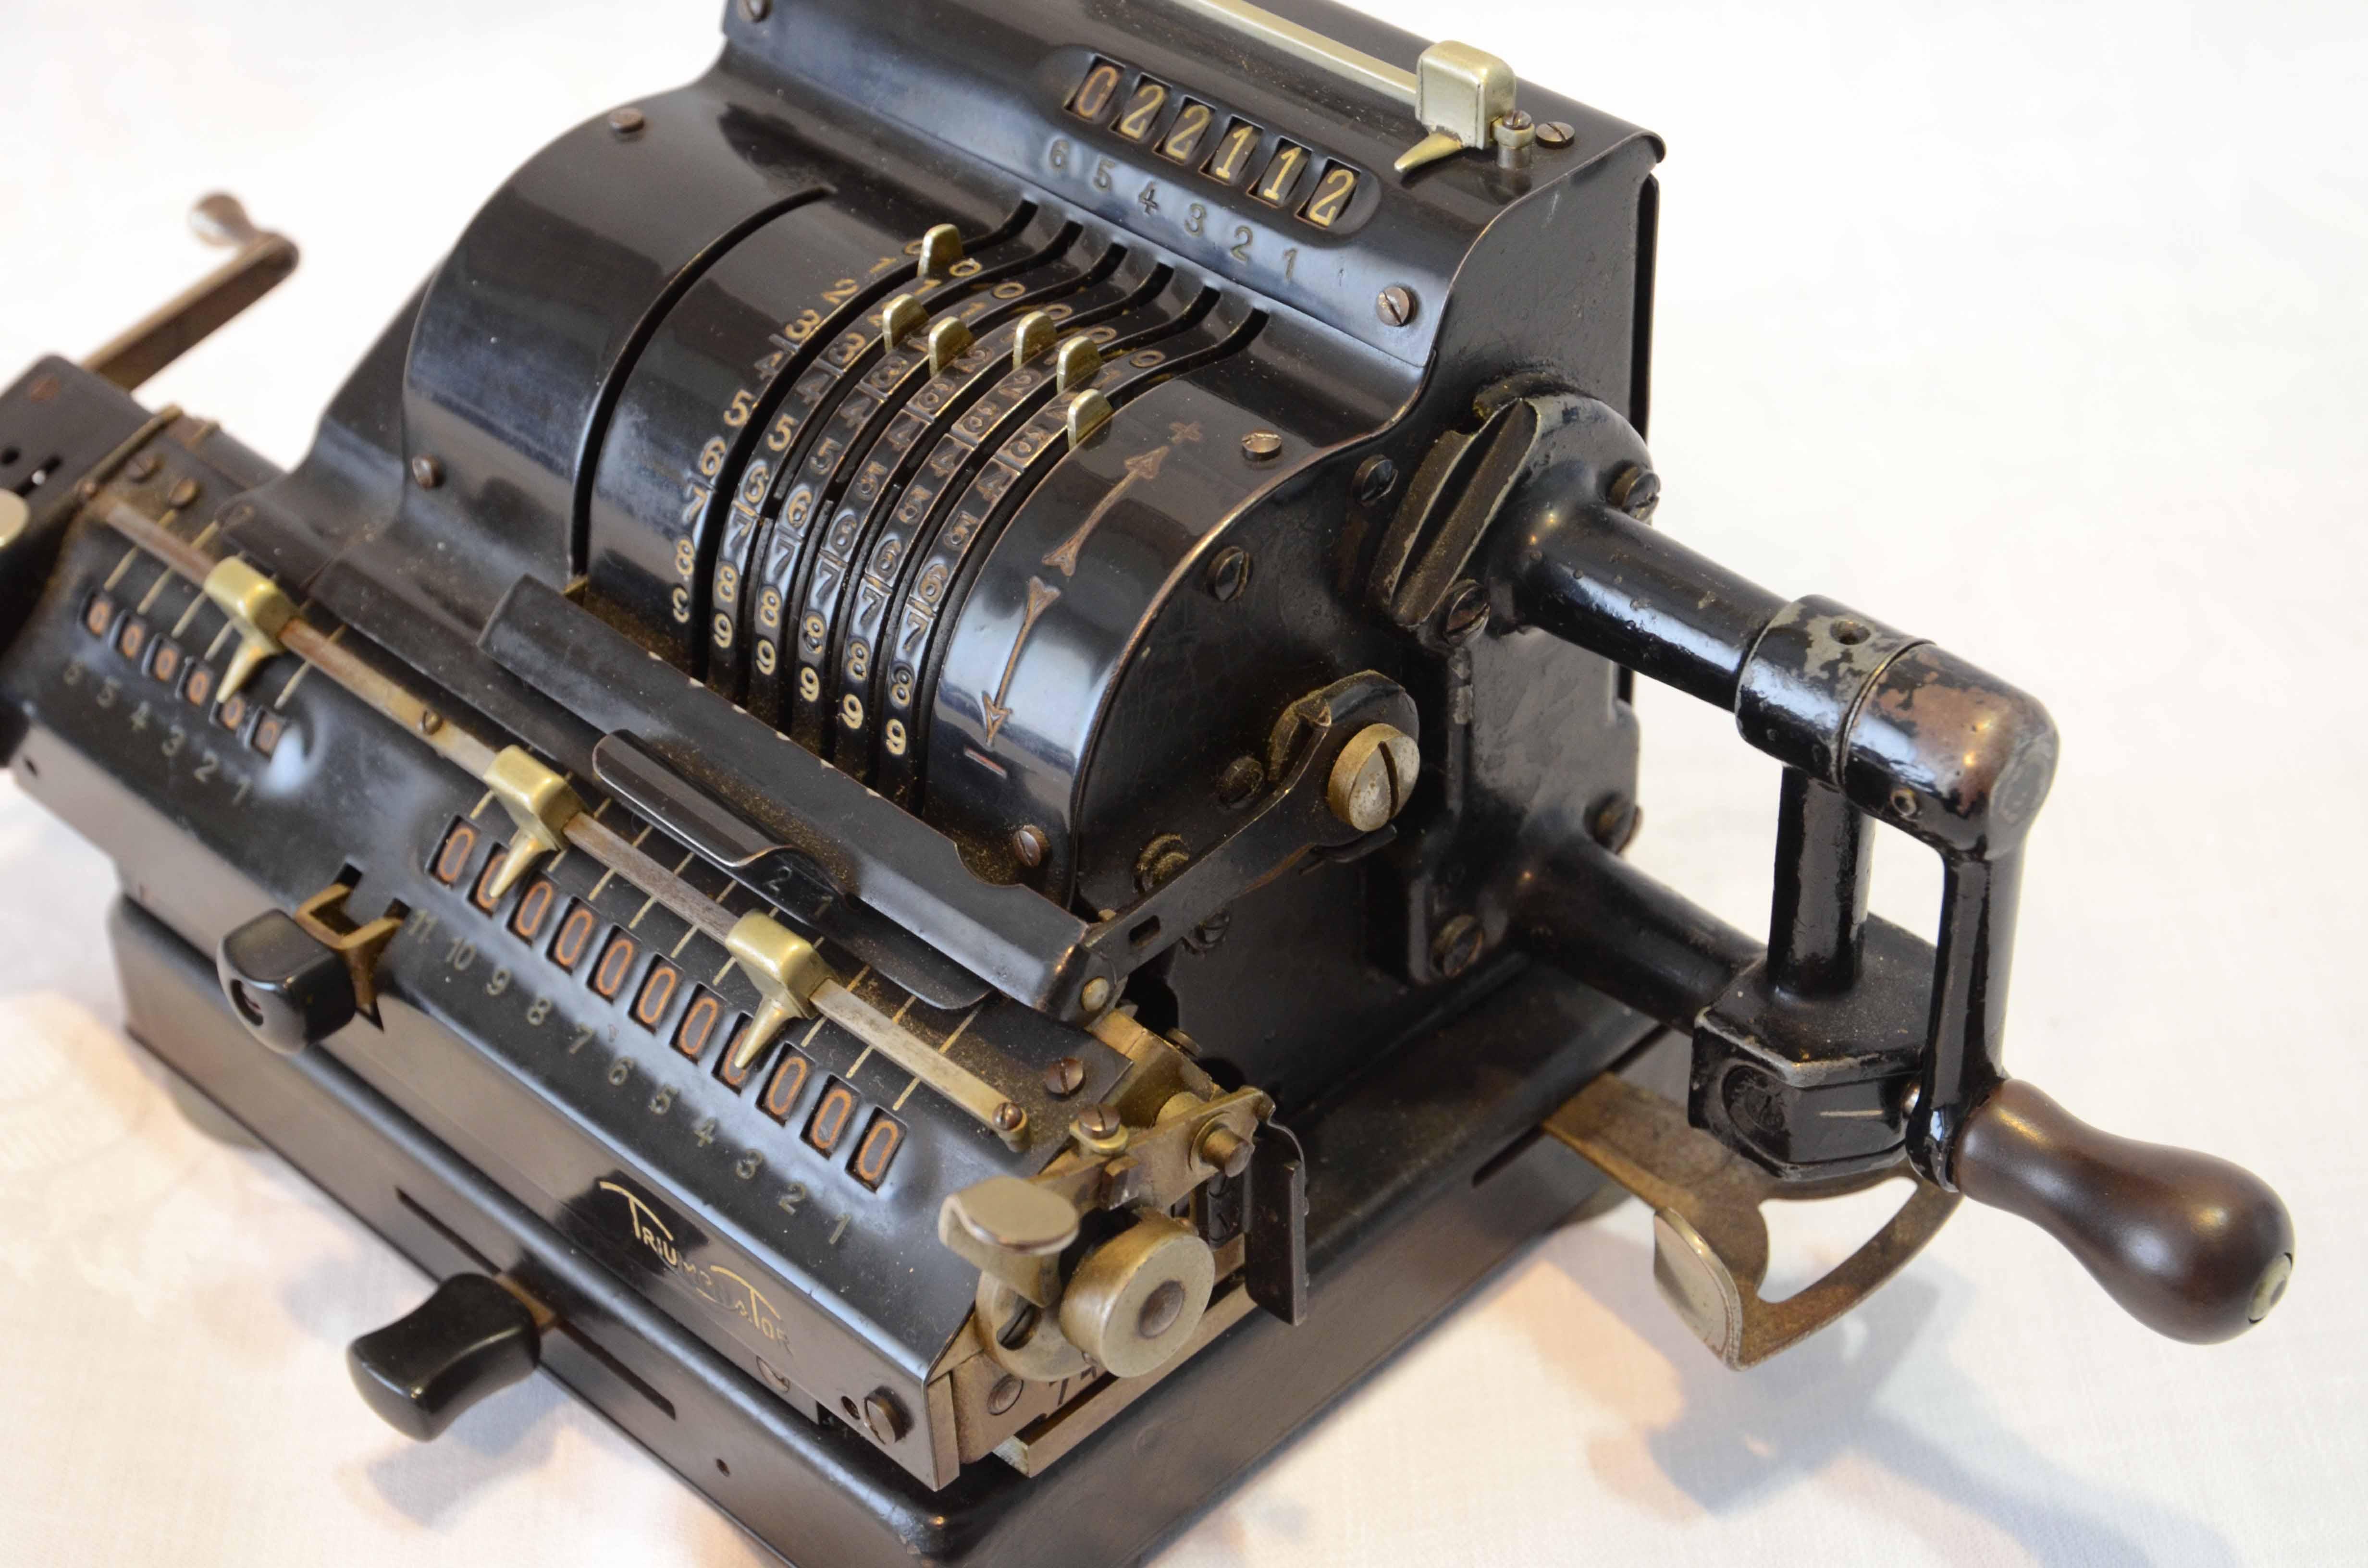 Rechenmaschine aus dem Jahr 1935